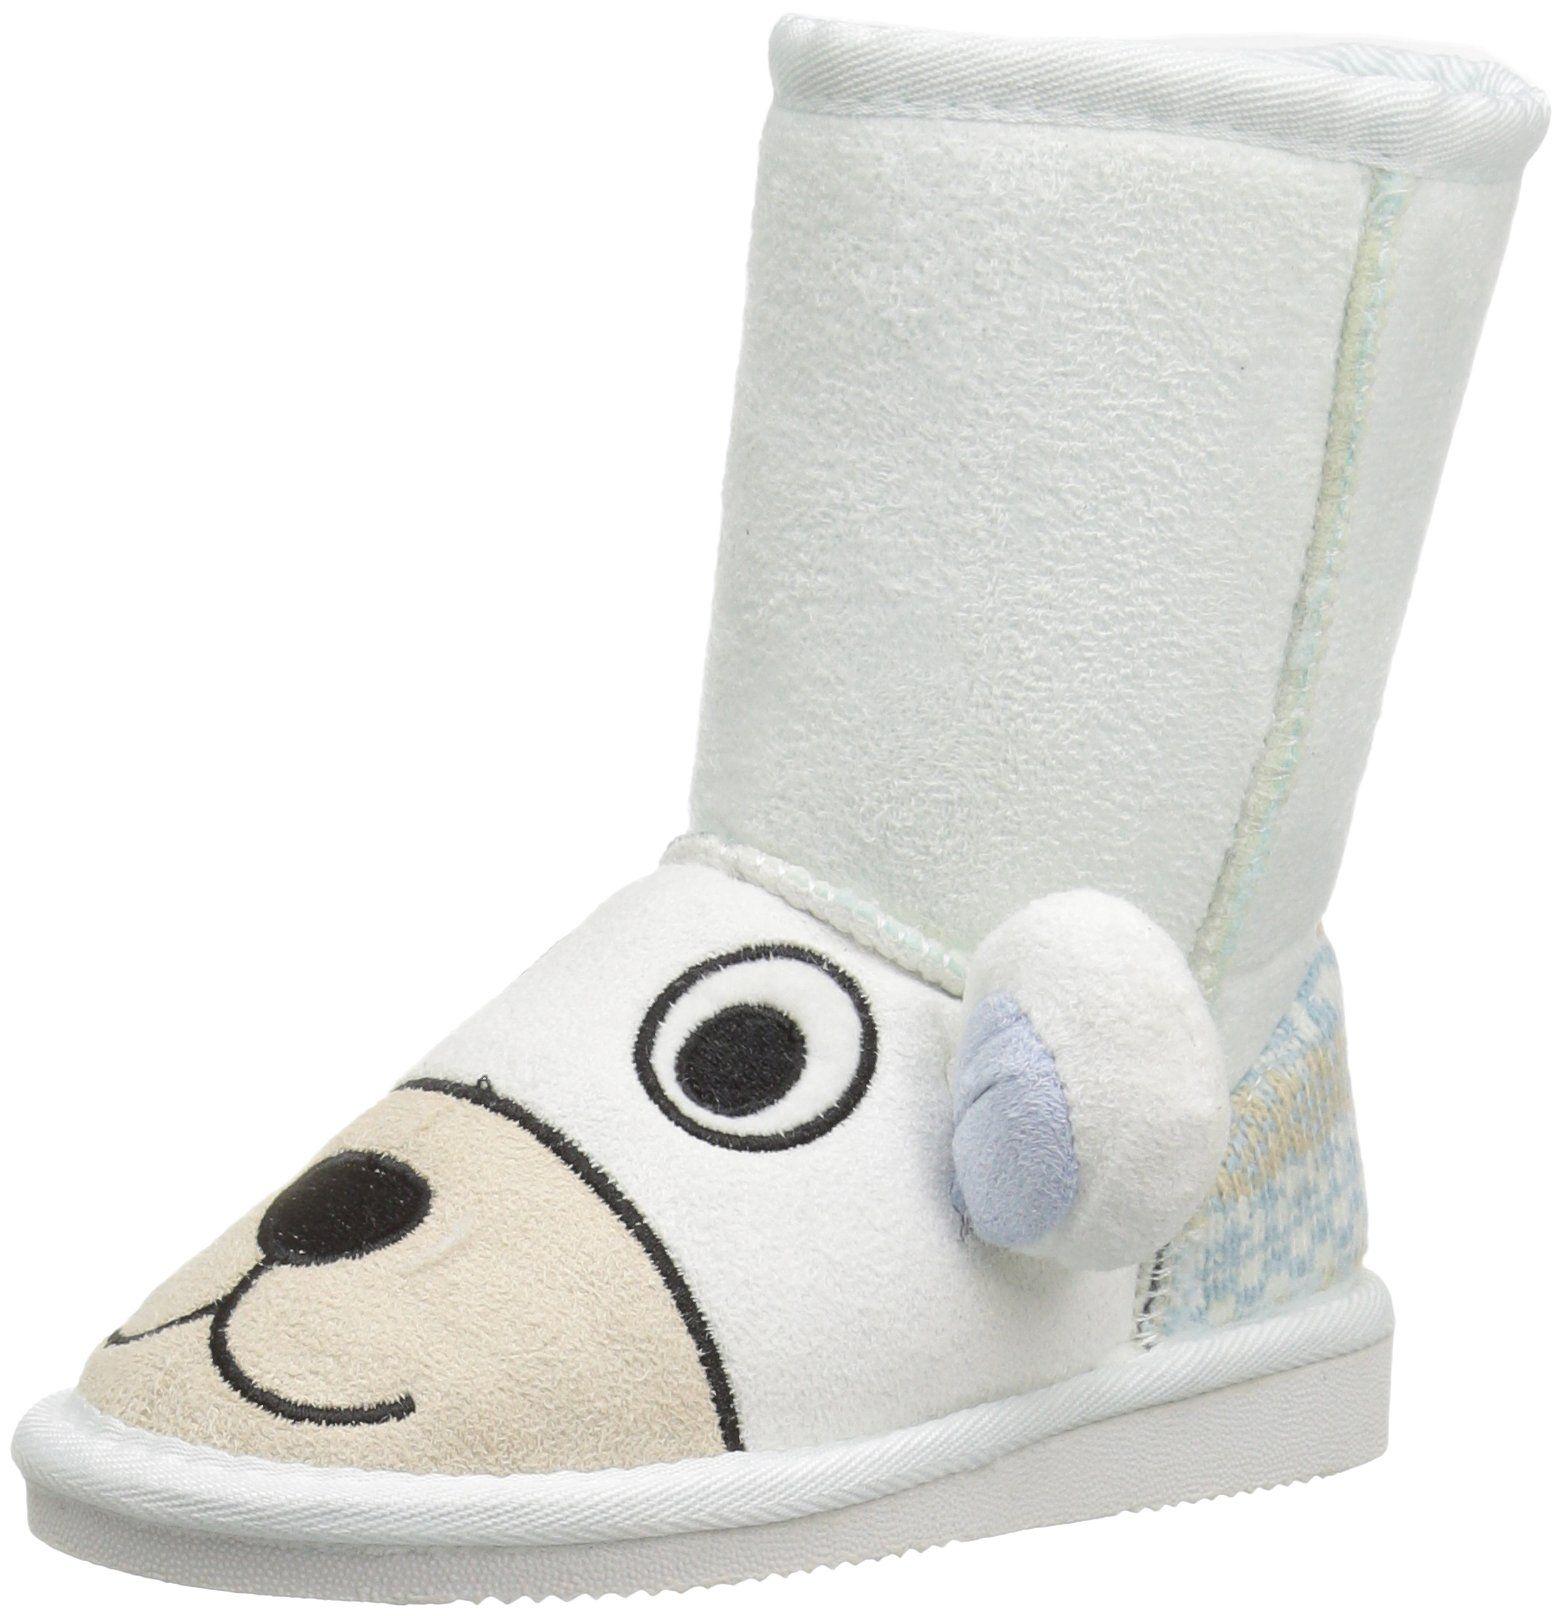 MUK LUKS Kids' Animal Polar Bear Pull-on Boot, White, 11 M